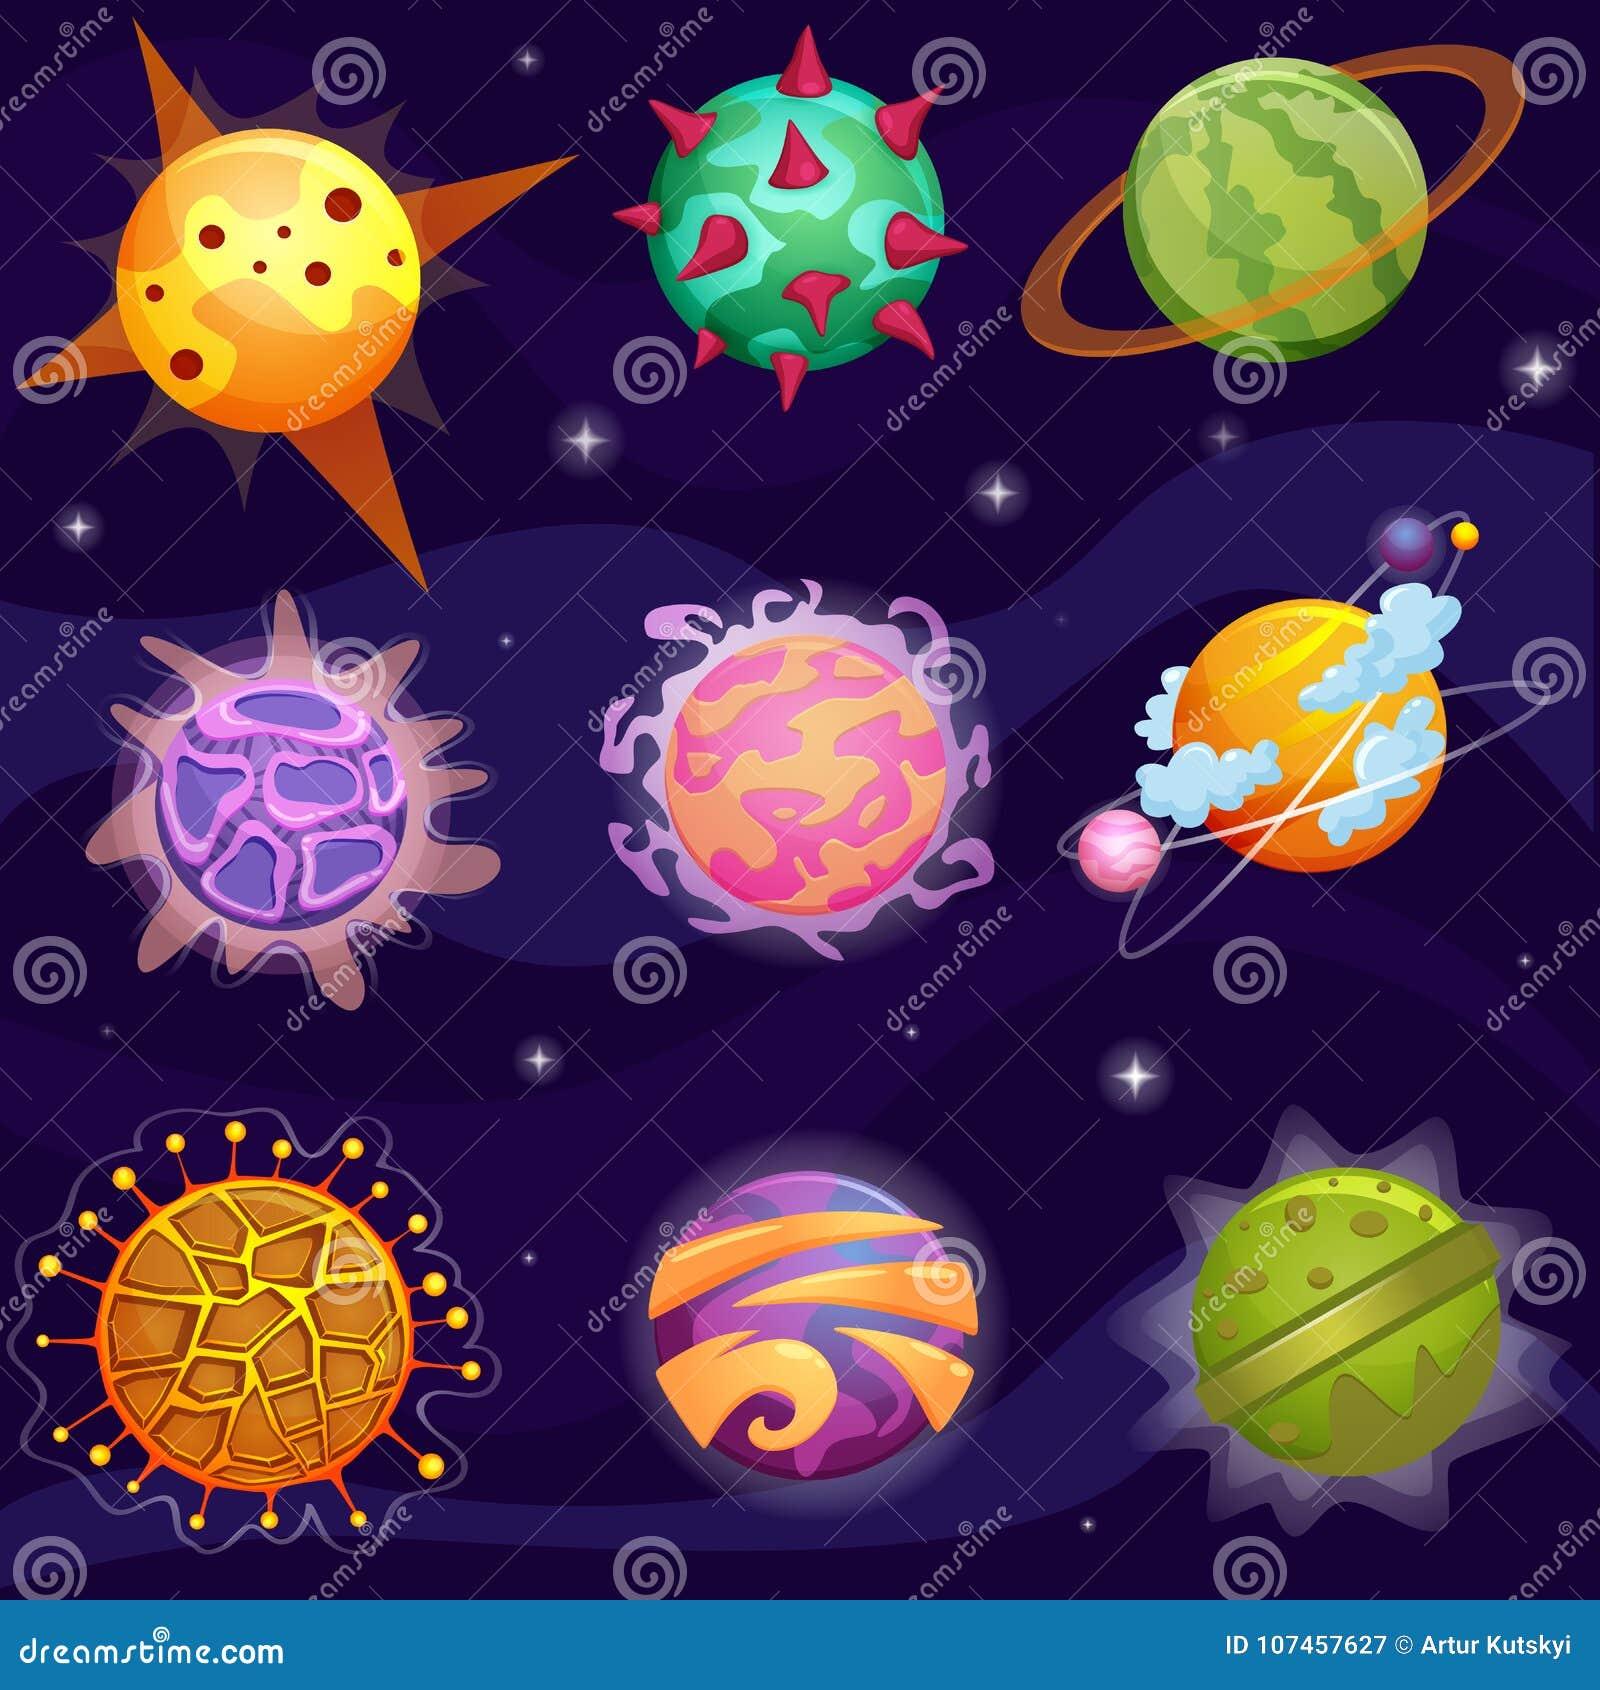 Da fantasia bonito dos desenhos animados do vetor os planetas fantásticos ajustaram-se no fundo das estrelas da galáxia